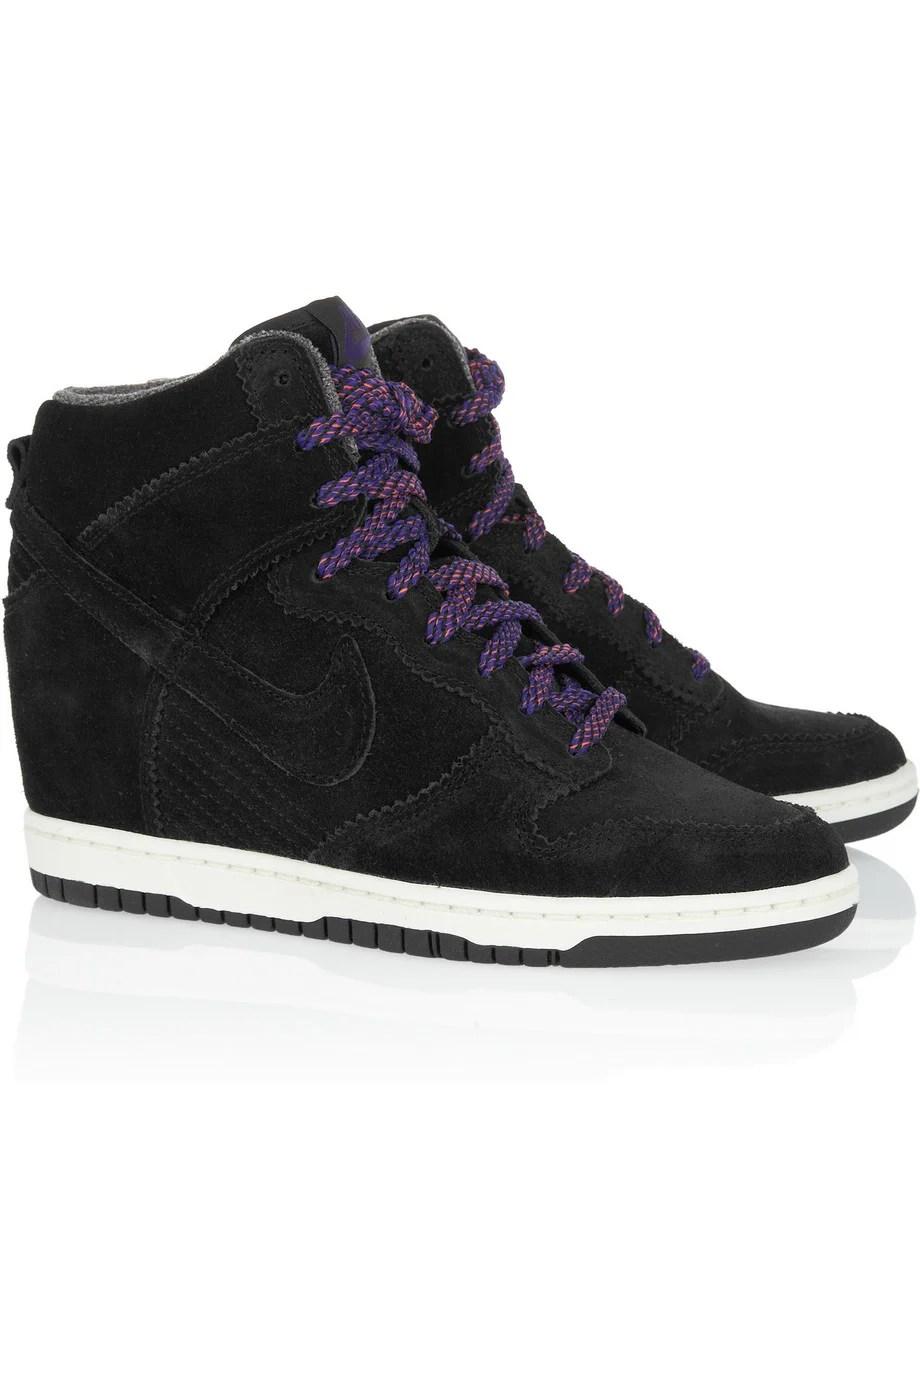 Lyst  Nike Dunk Sky Hi Suede Wedge Sneakers in Black